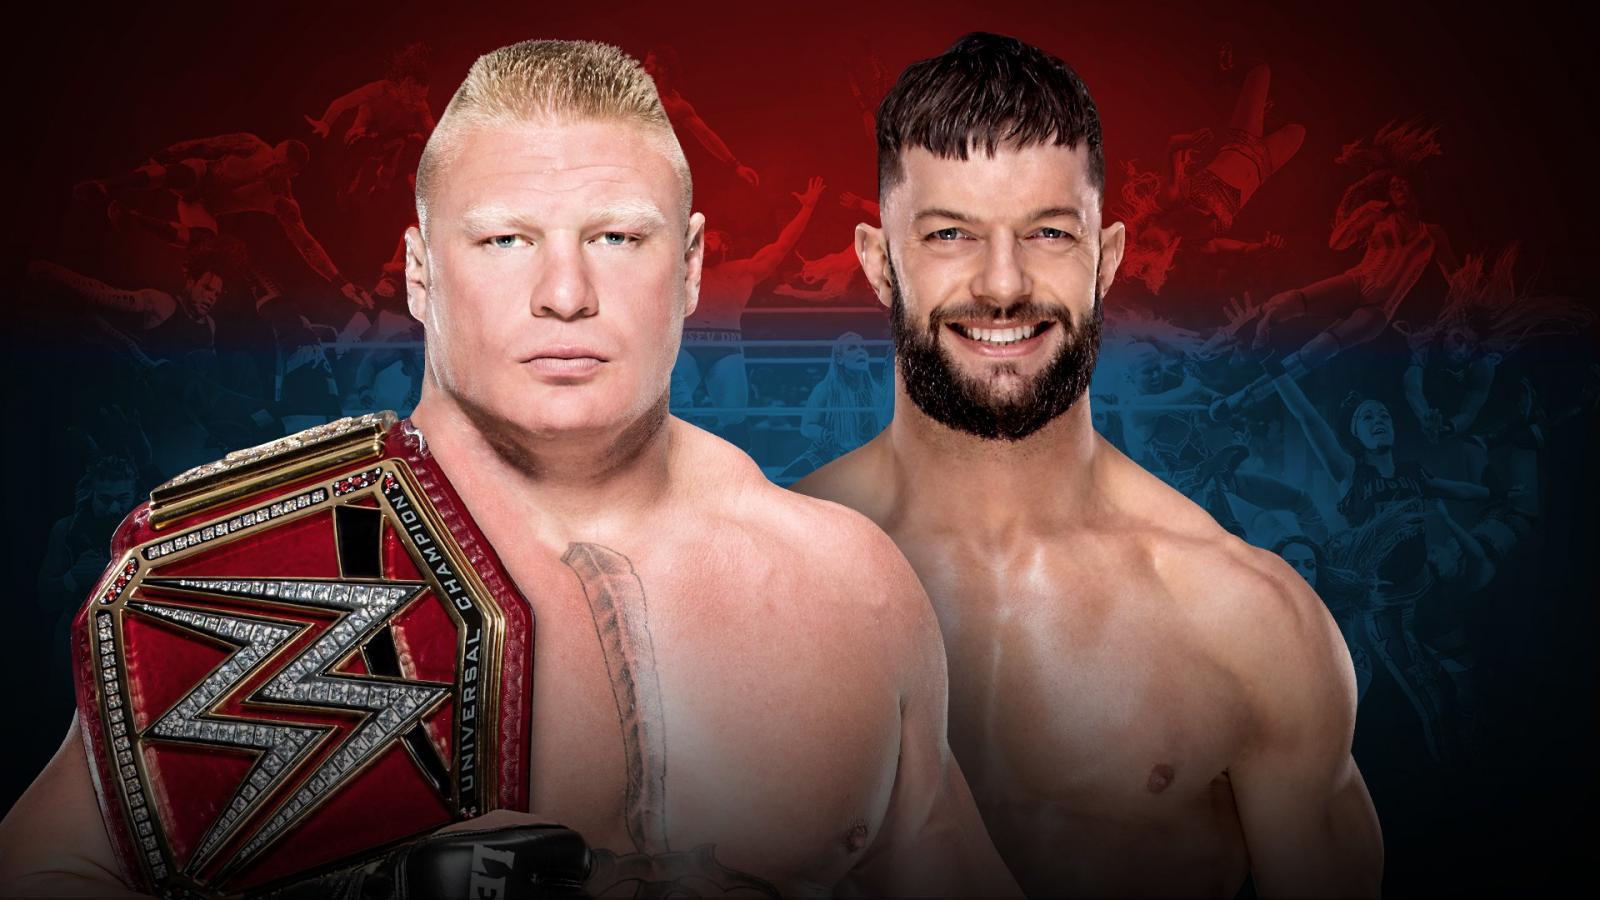 ब्रॉक लैसनर खुद चाहते थे फिन बैलर के साथ मैच, पढ़ें आज की ऐसी ही WWE से जुड़ी सभी बड़ी ख़बरें